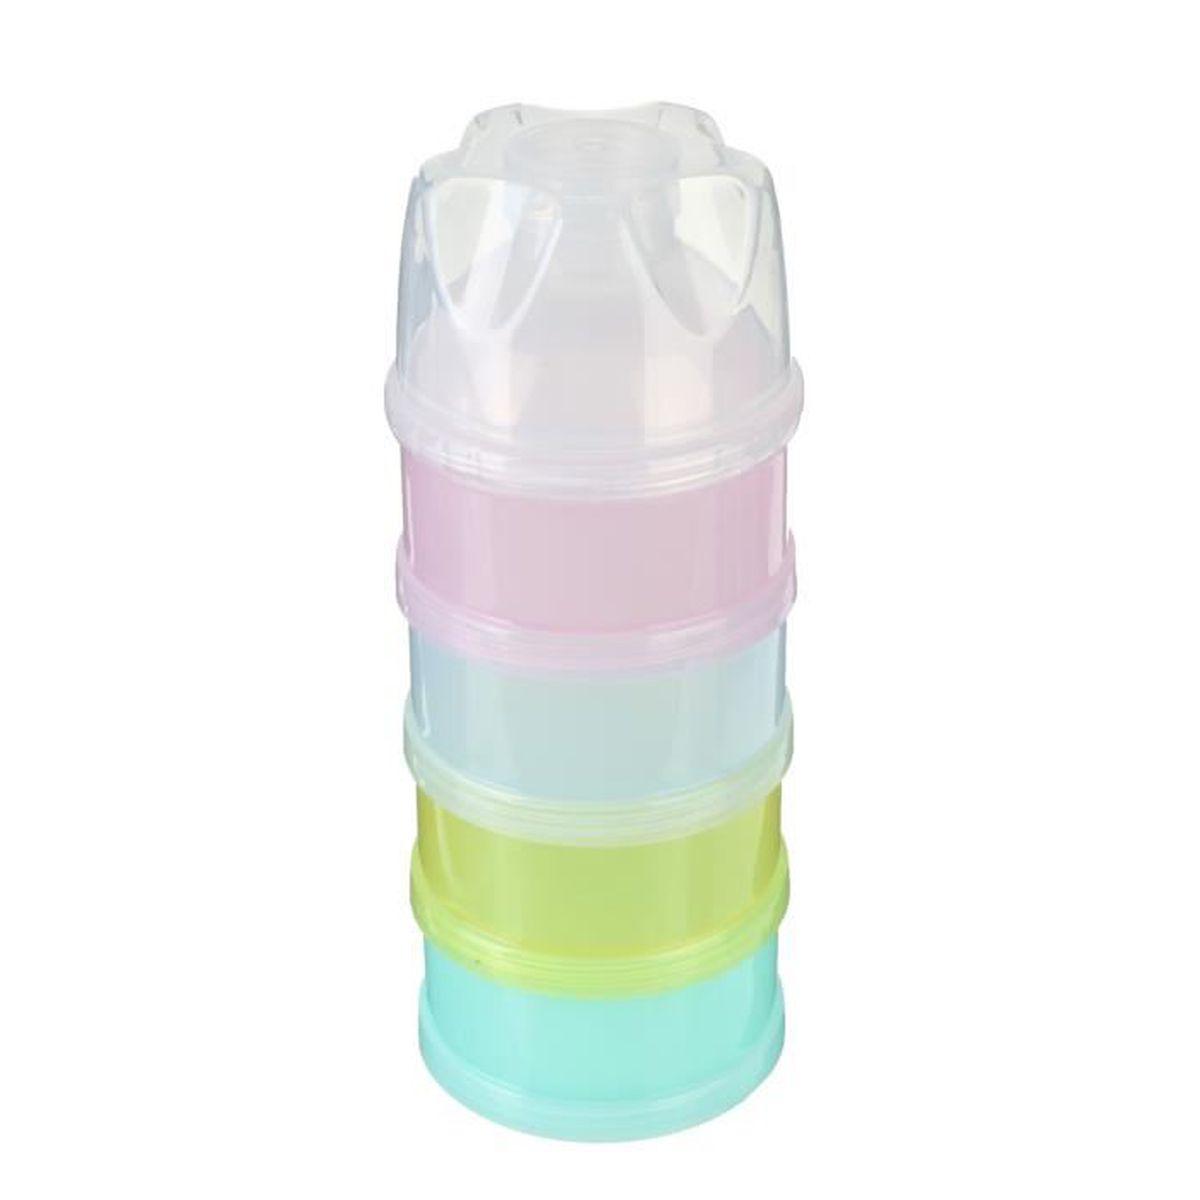 D DOLITY Boite de Lait en Poudre B/éb/é Doseuse 4 Compartiments en PP de Qualit/é Alimentaire Color/é Bleu